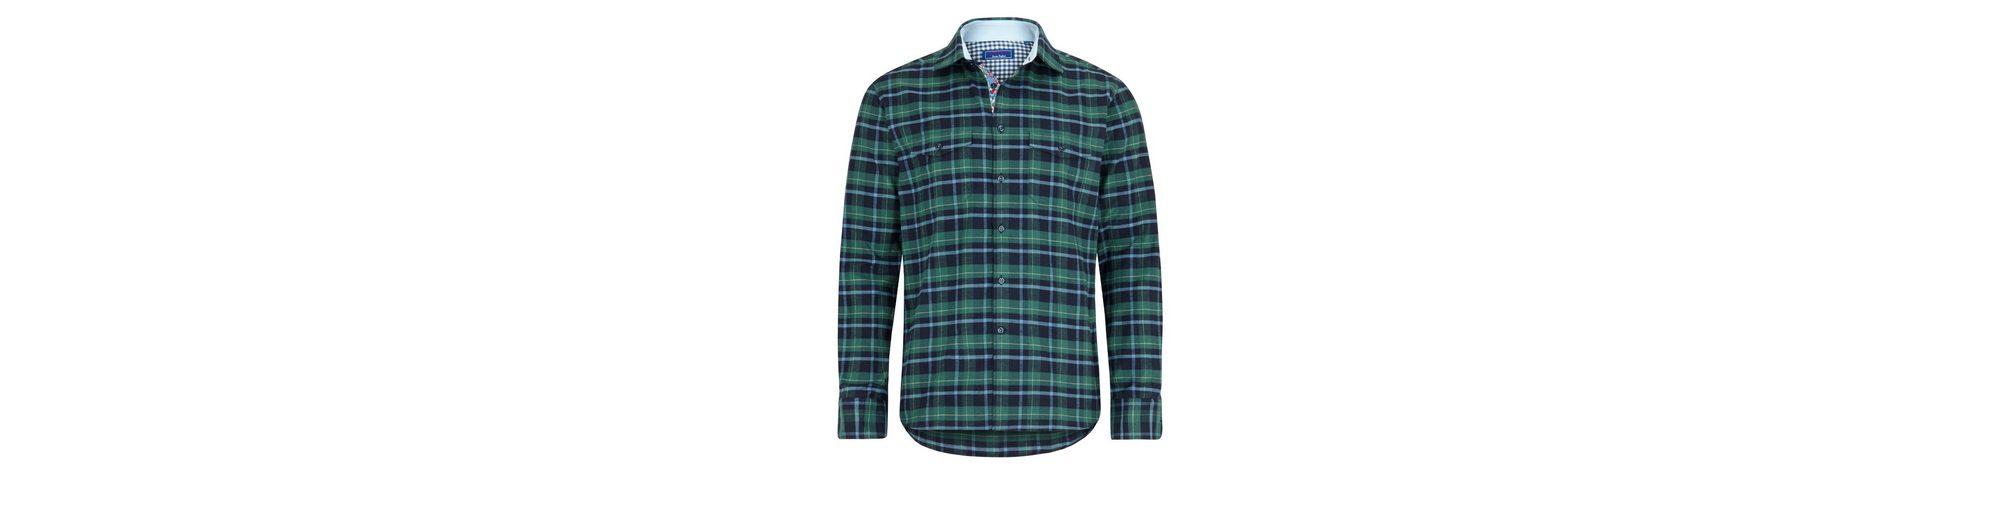 Steckdose Online Spielraum Sast East Club London Langarmhemd mit Ellenbogen-Patches Preise Online-Verkauf Outlet-Store mN65mN